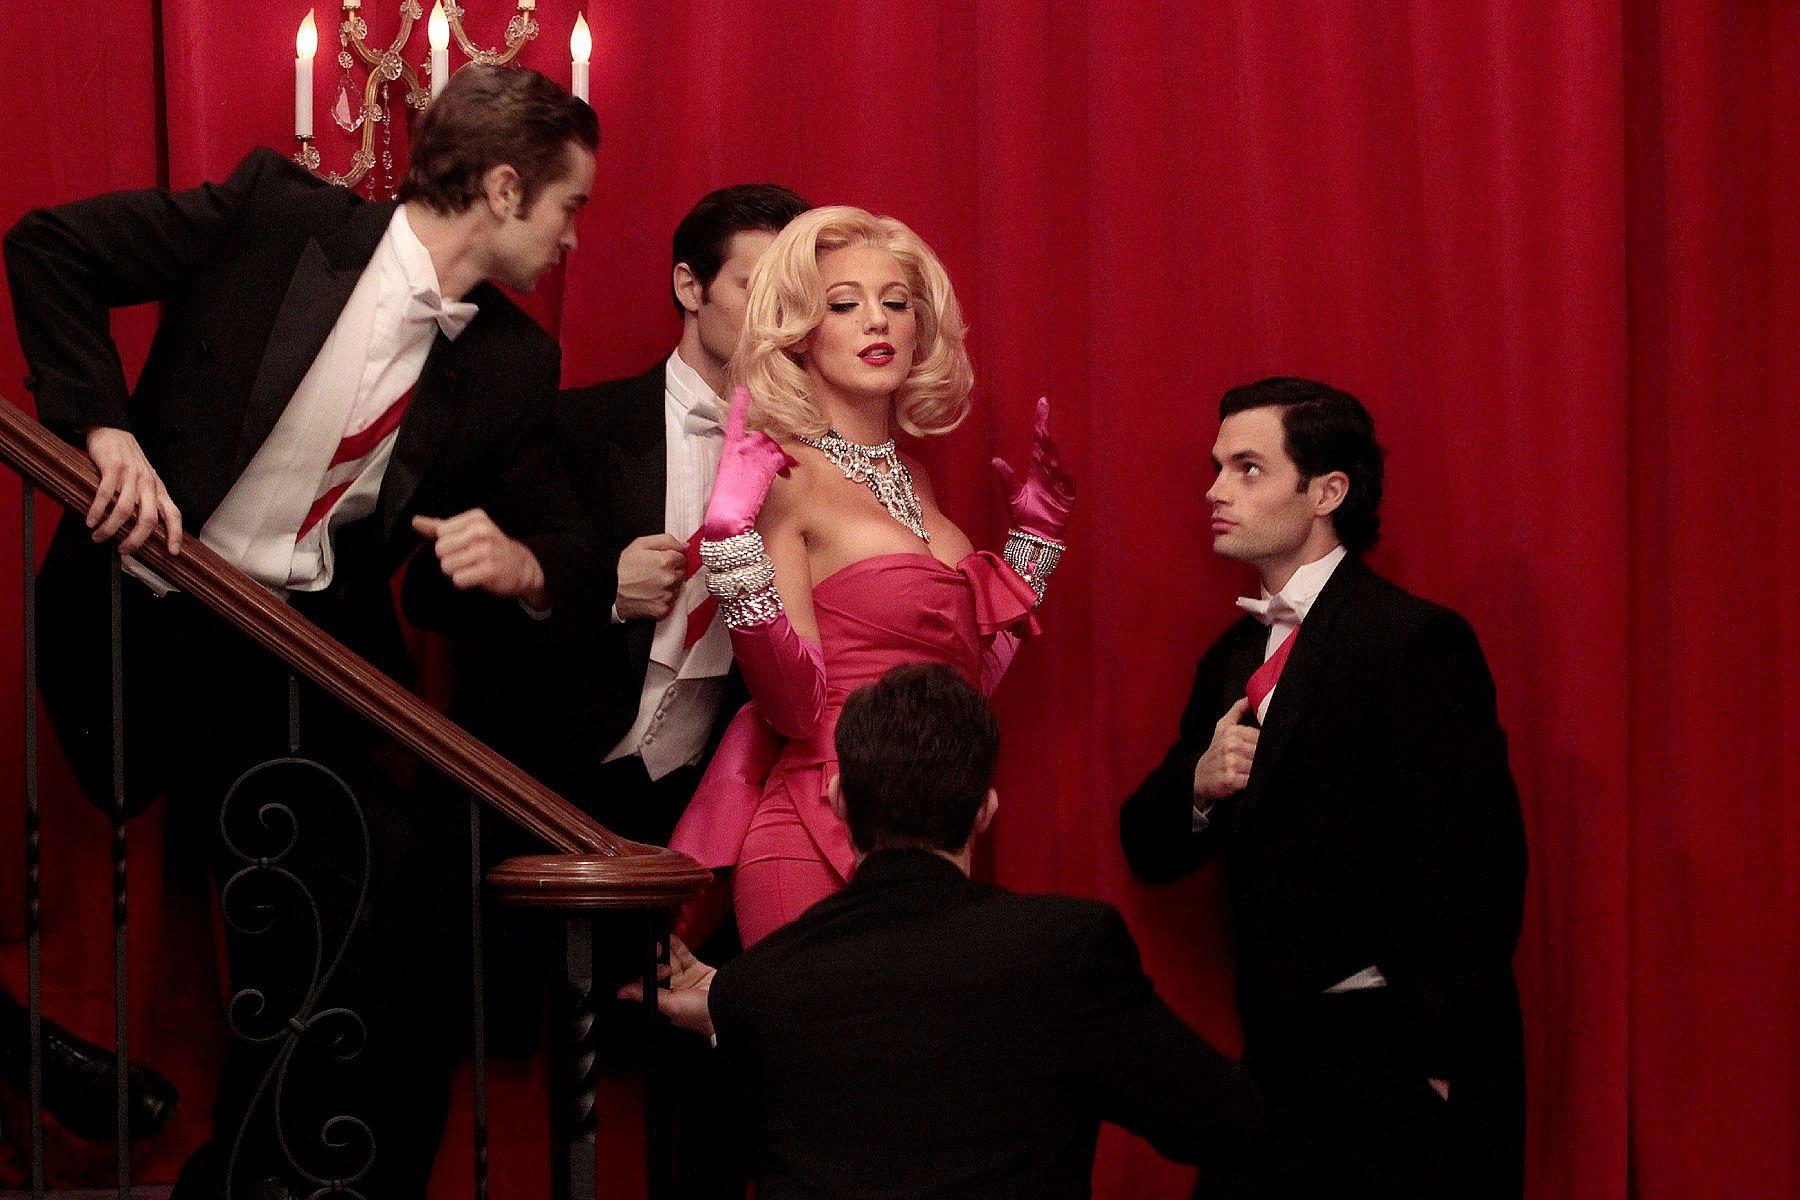 10 Best Marilyn Monroe Costume Ideas - How to Dress Like Marilyn ...